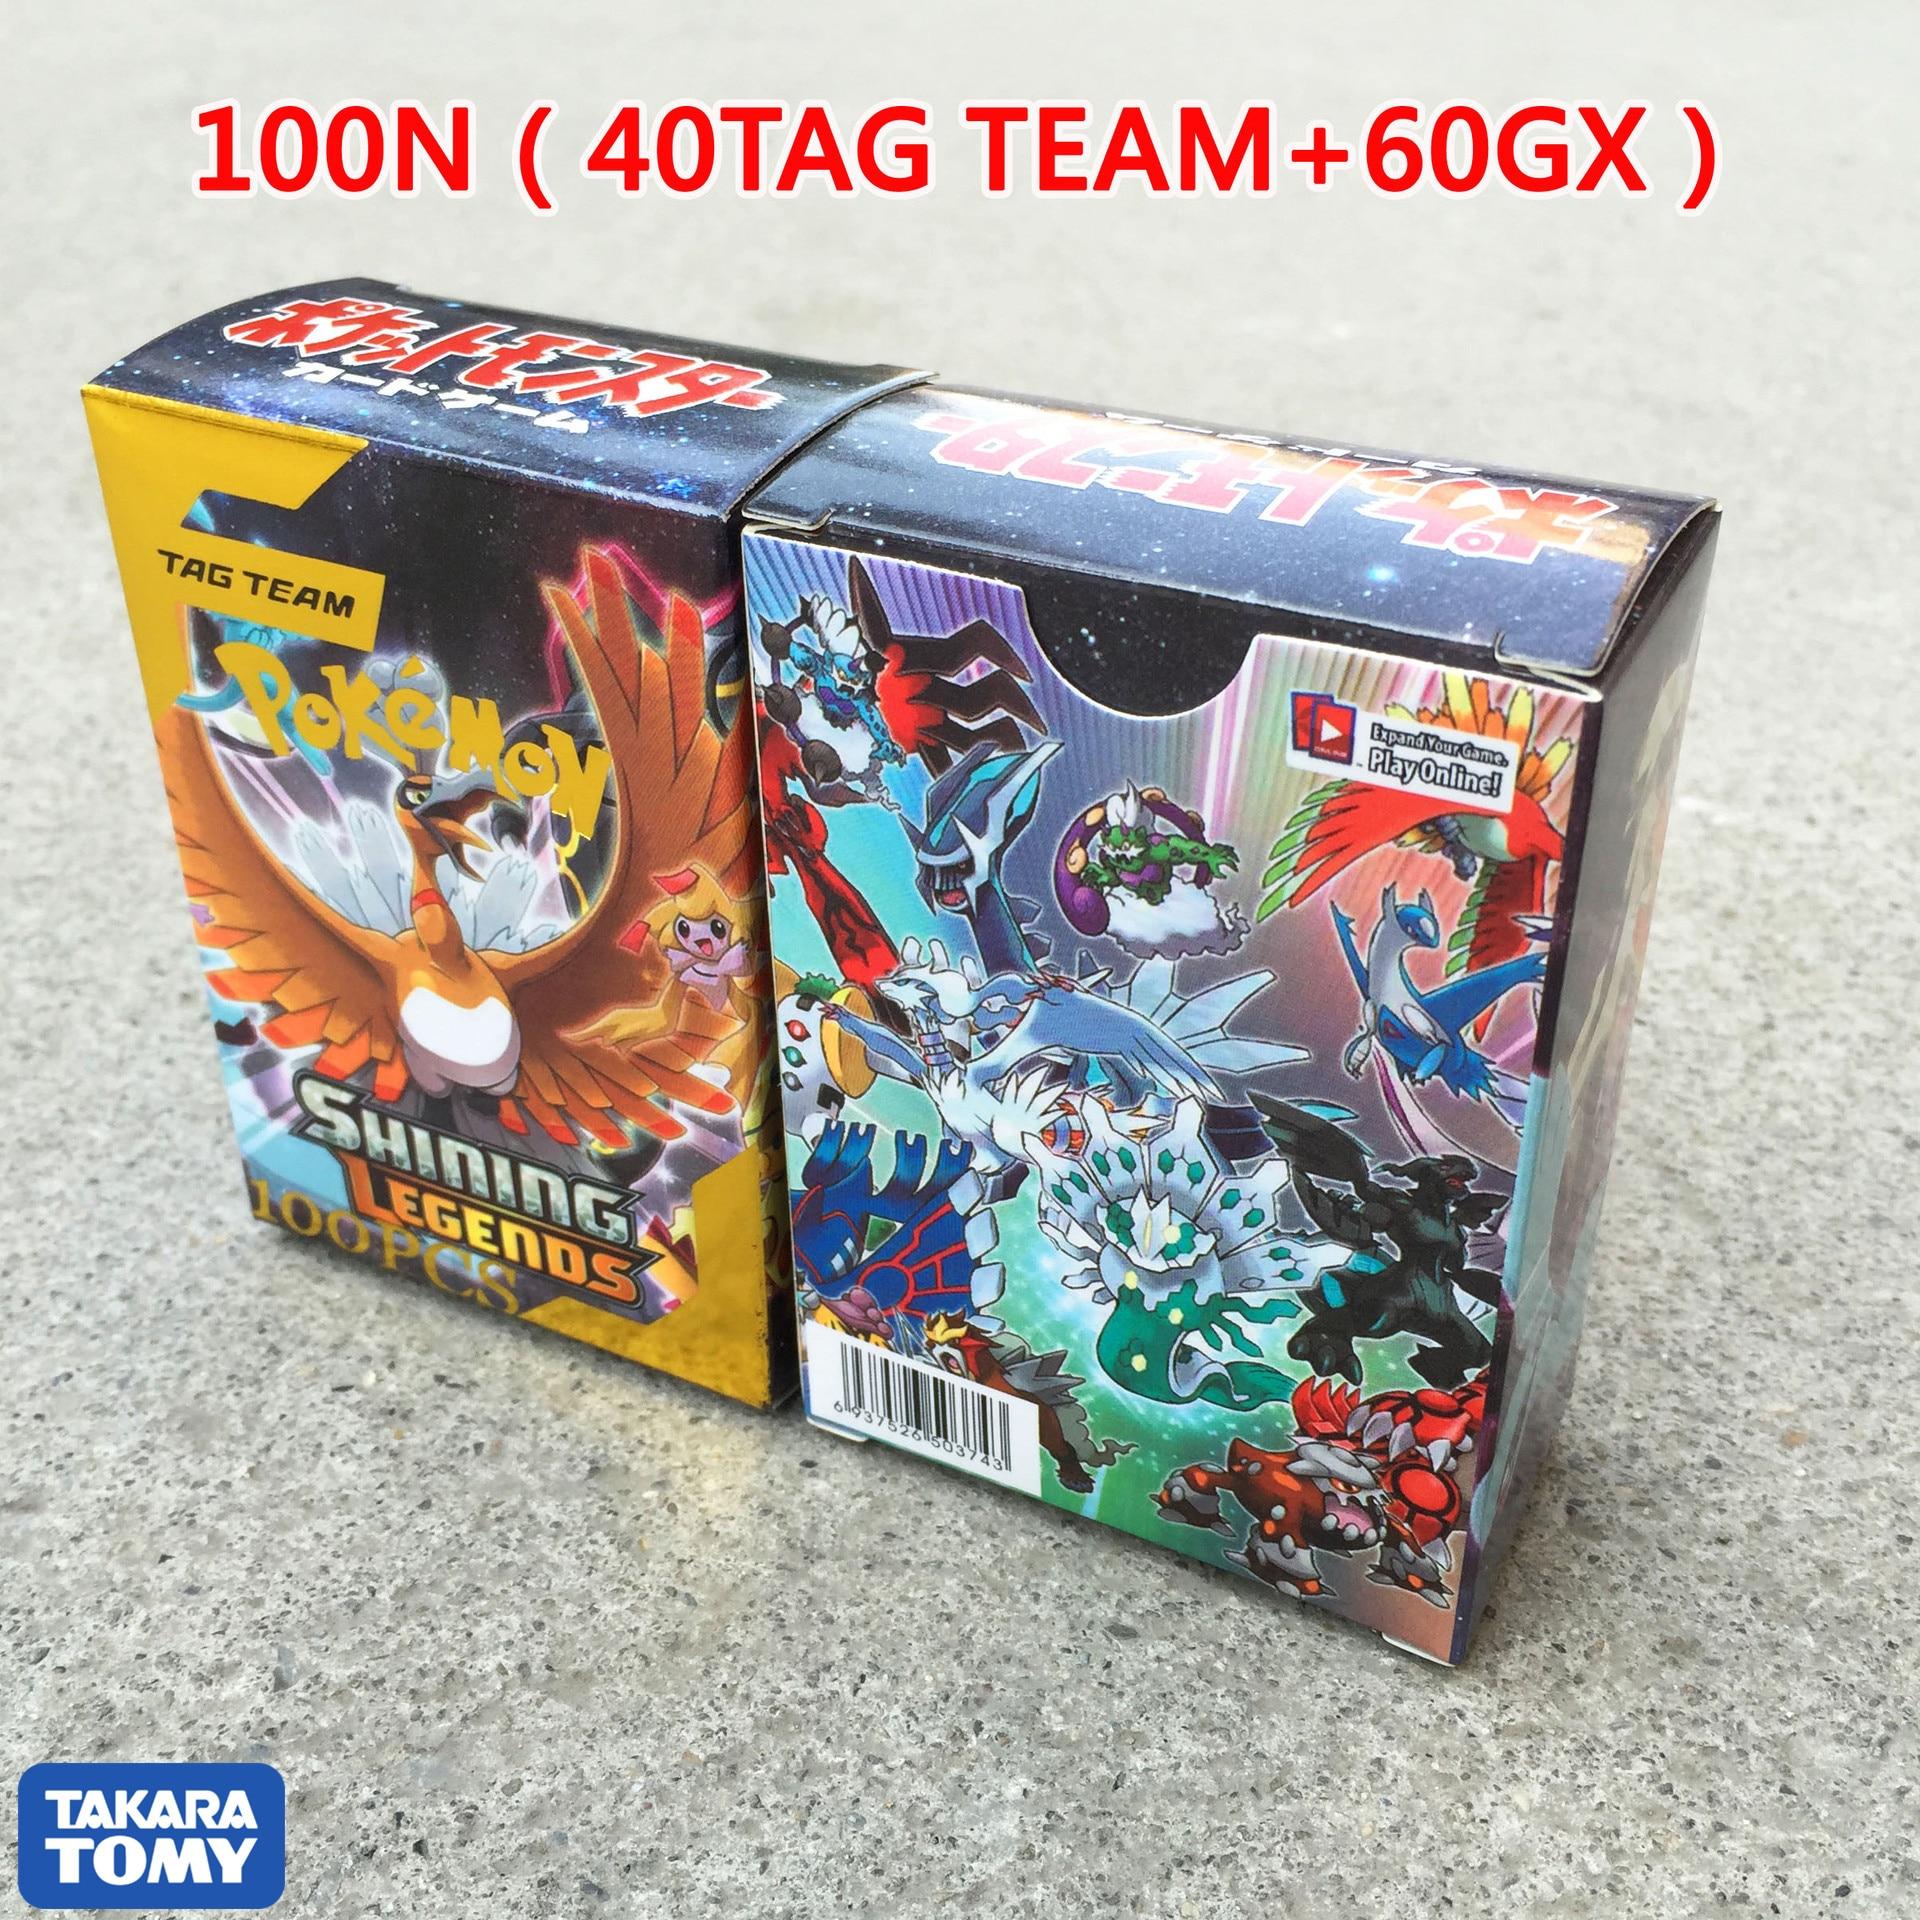 100 PcsGX TEAM Shining TAKARA TOMY Cards Game Battle Carte 100pcs Trading Cards Game Children Toy PokemonOriginal Flash Cards